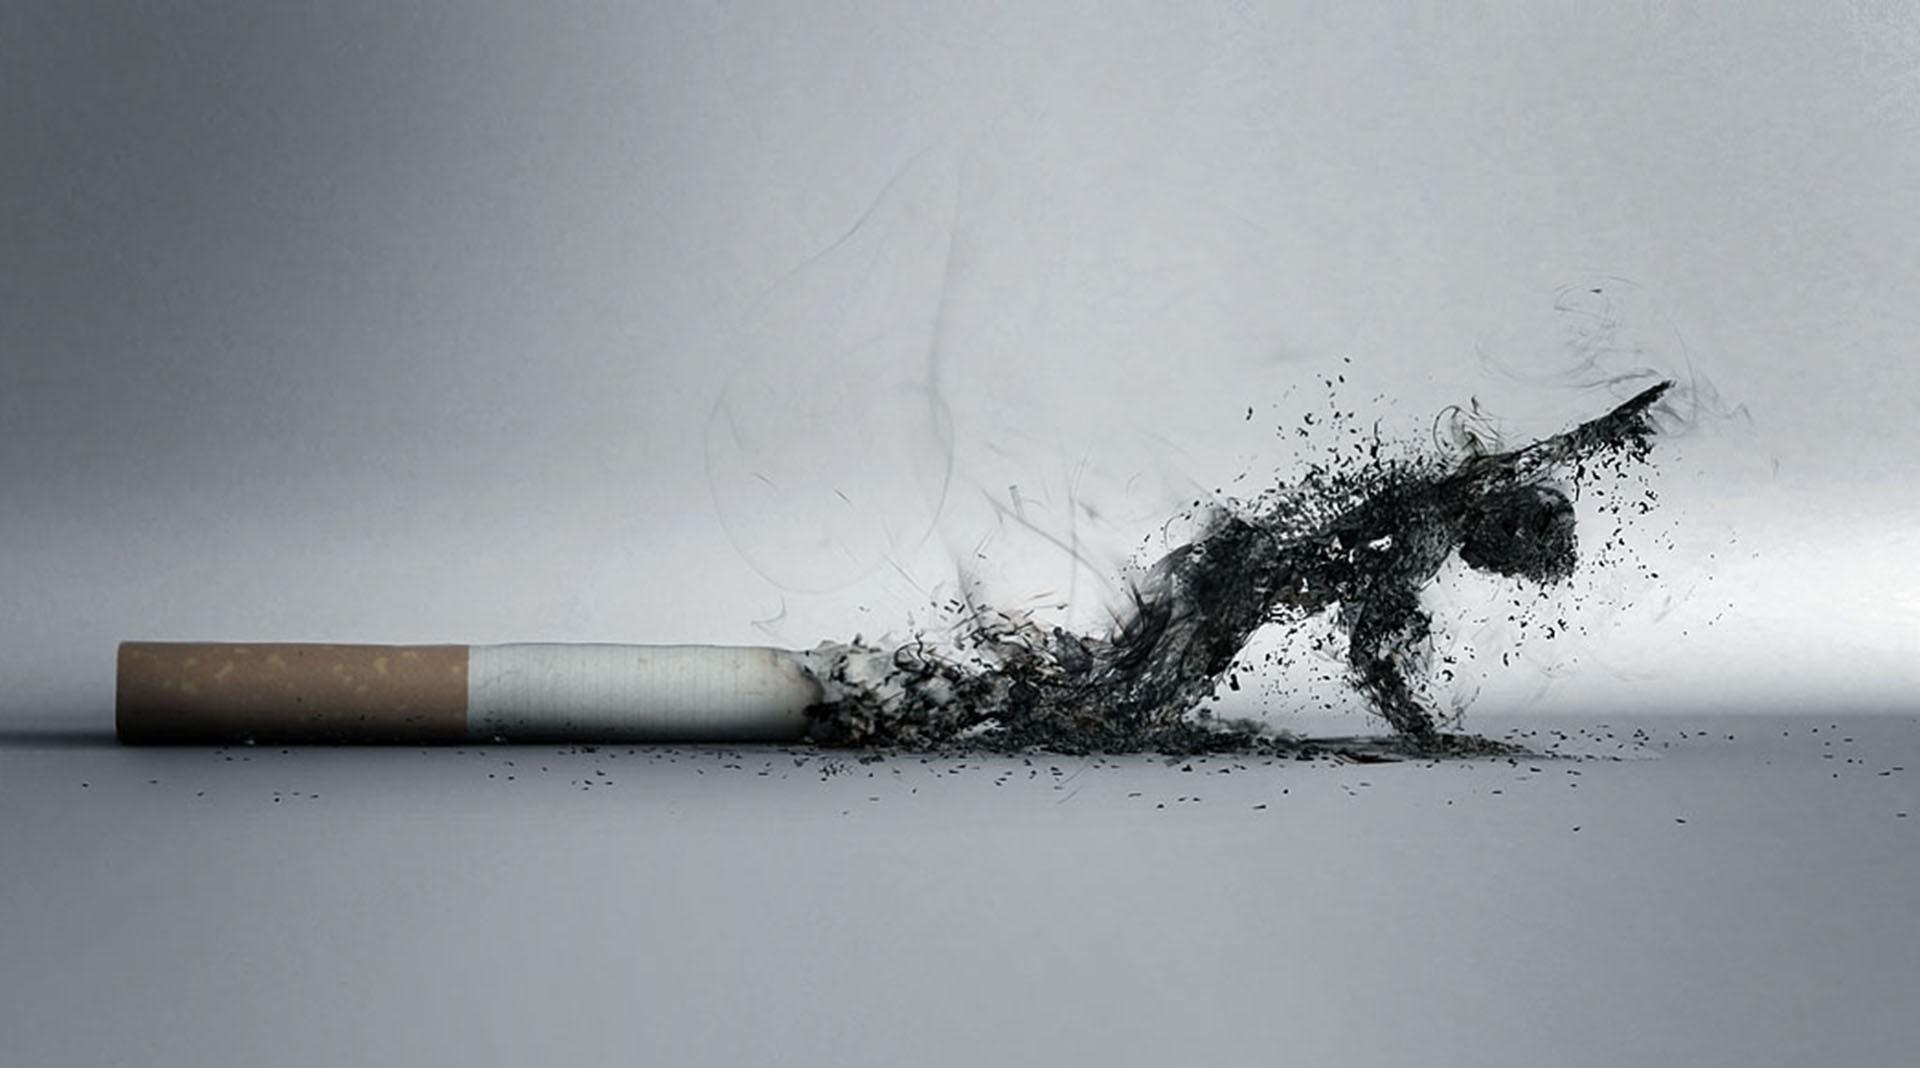 ما السر وراء الإدمان على التدخين؟